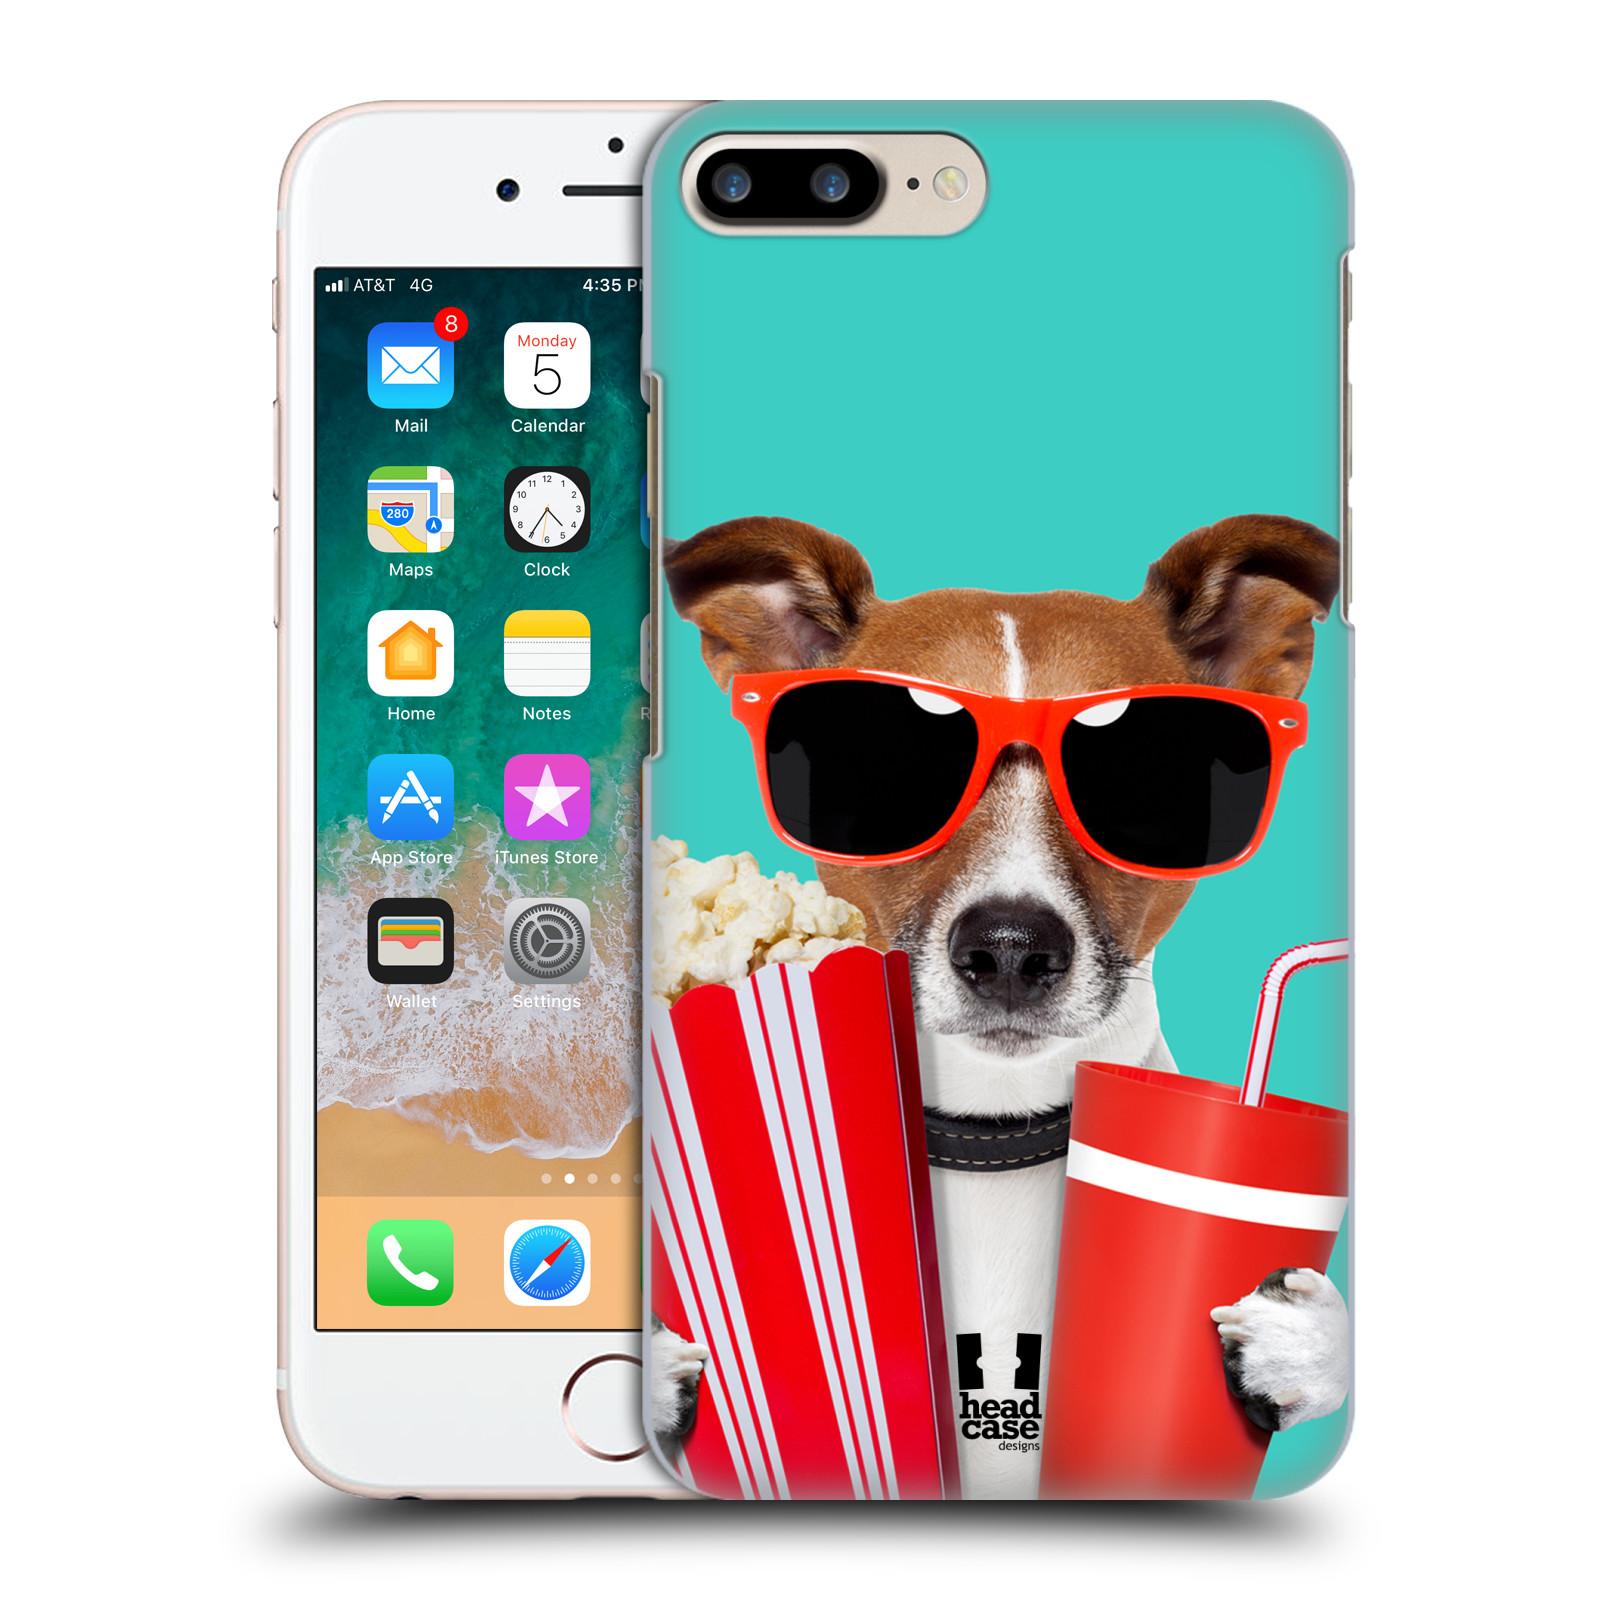 HEAD CASE plastový obal na mobil Apple Iphone 7 PLUS vzor Legrační zvířátka pejsek v kině s popkornem